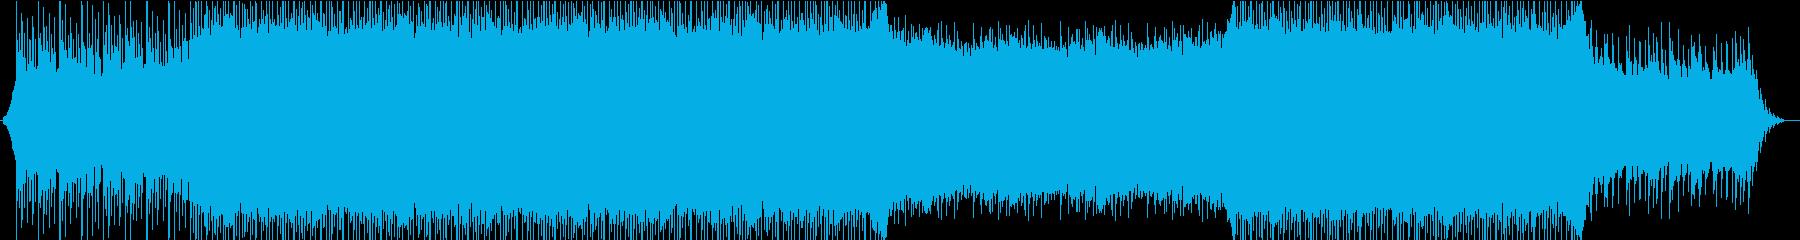 ピアノとヴァイオリンの爽やかなPOPSの再生済みの波形